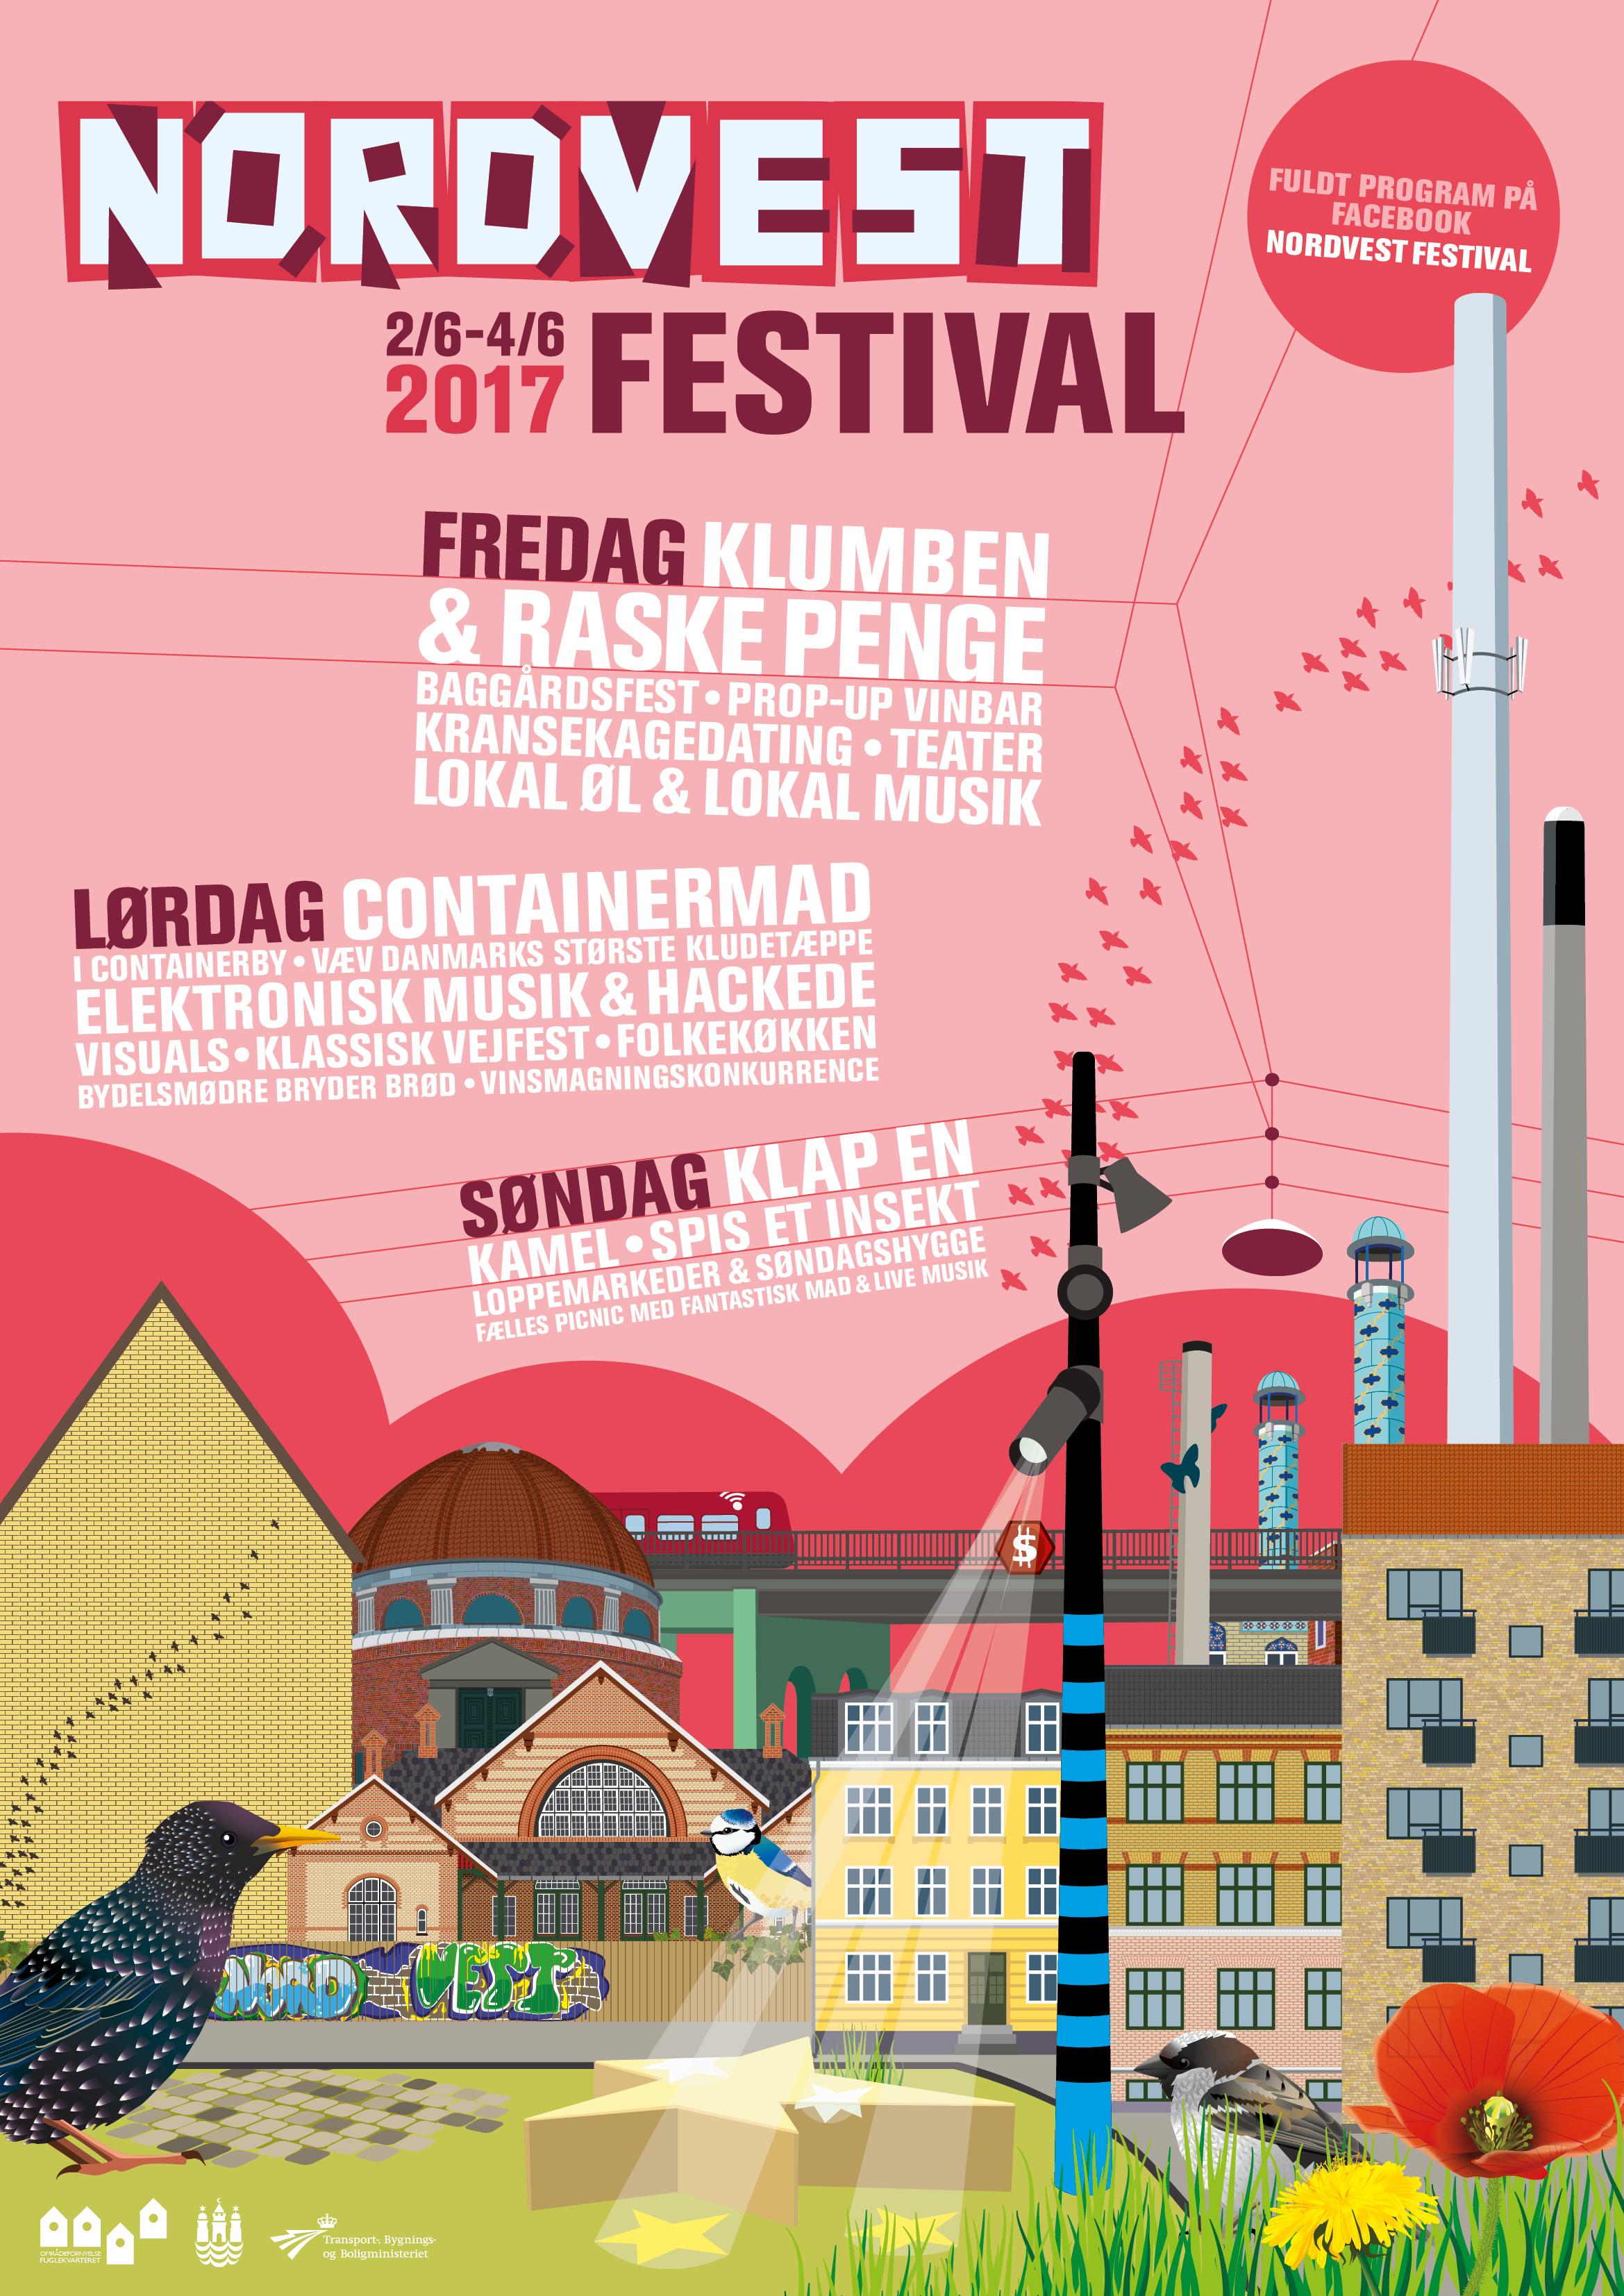 Nordvest Festival plakat